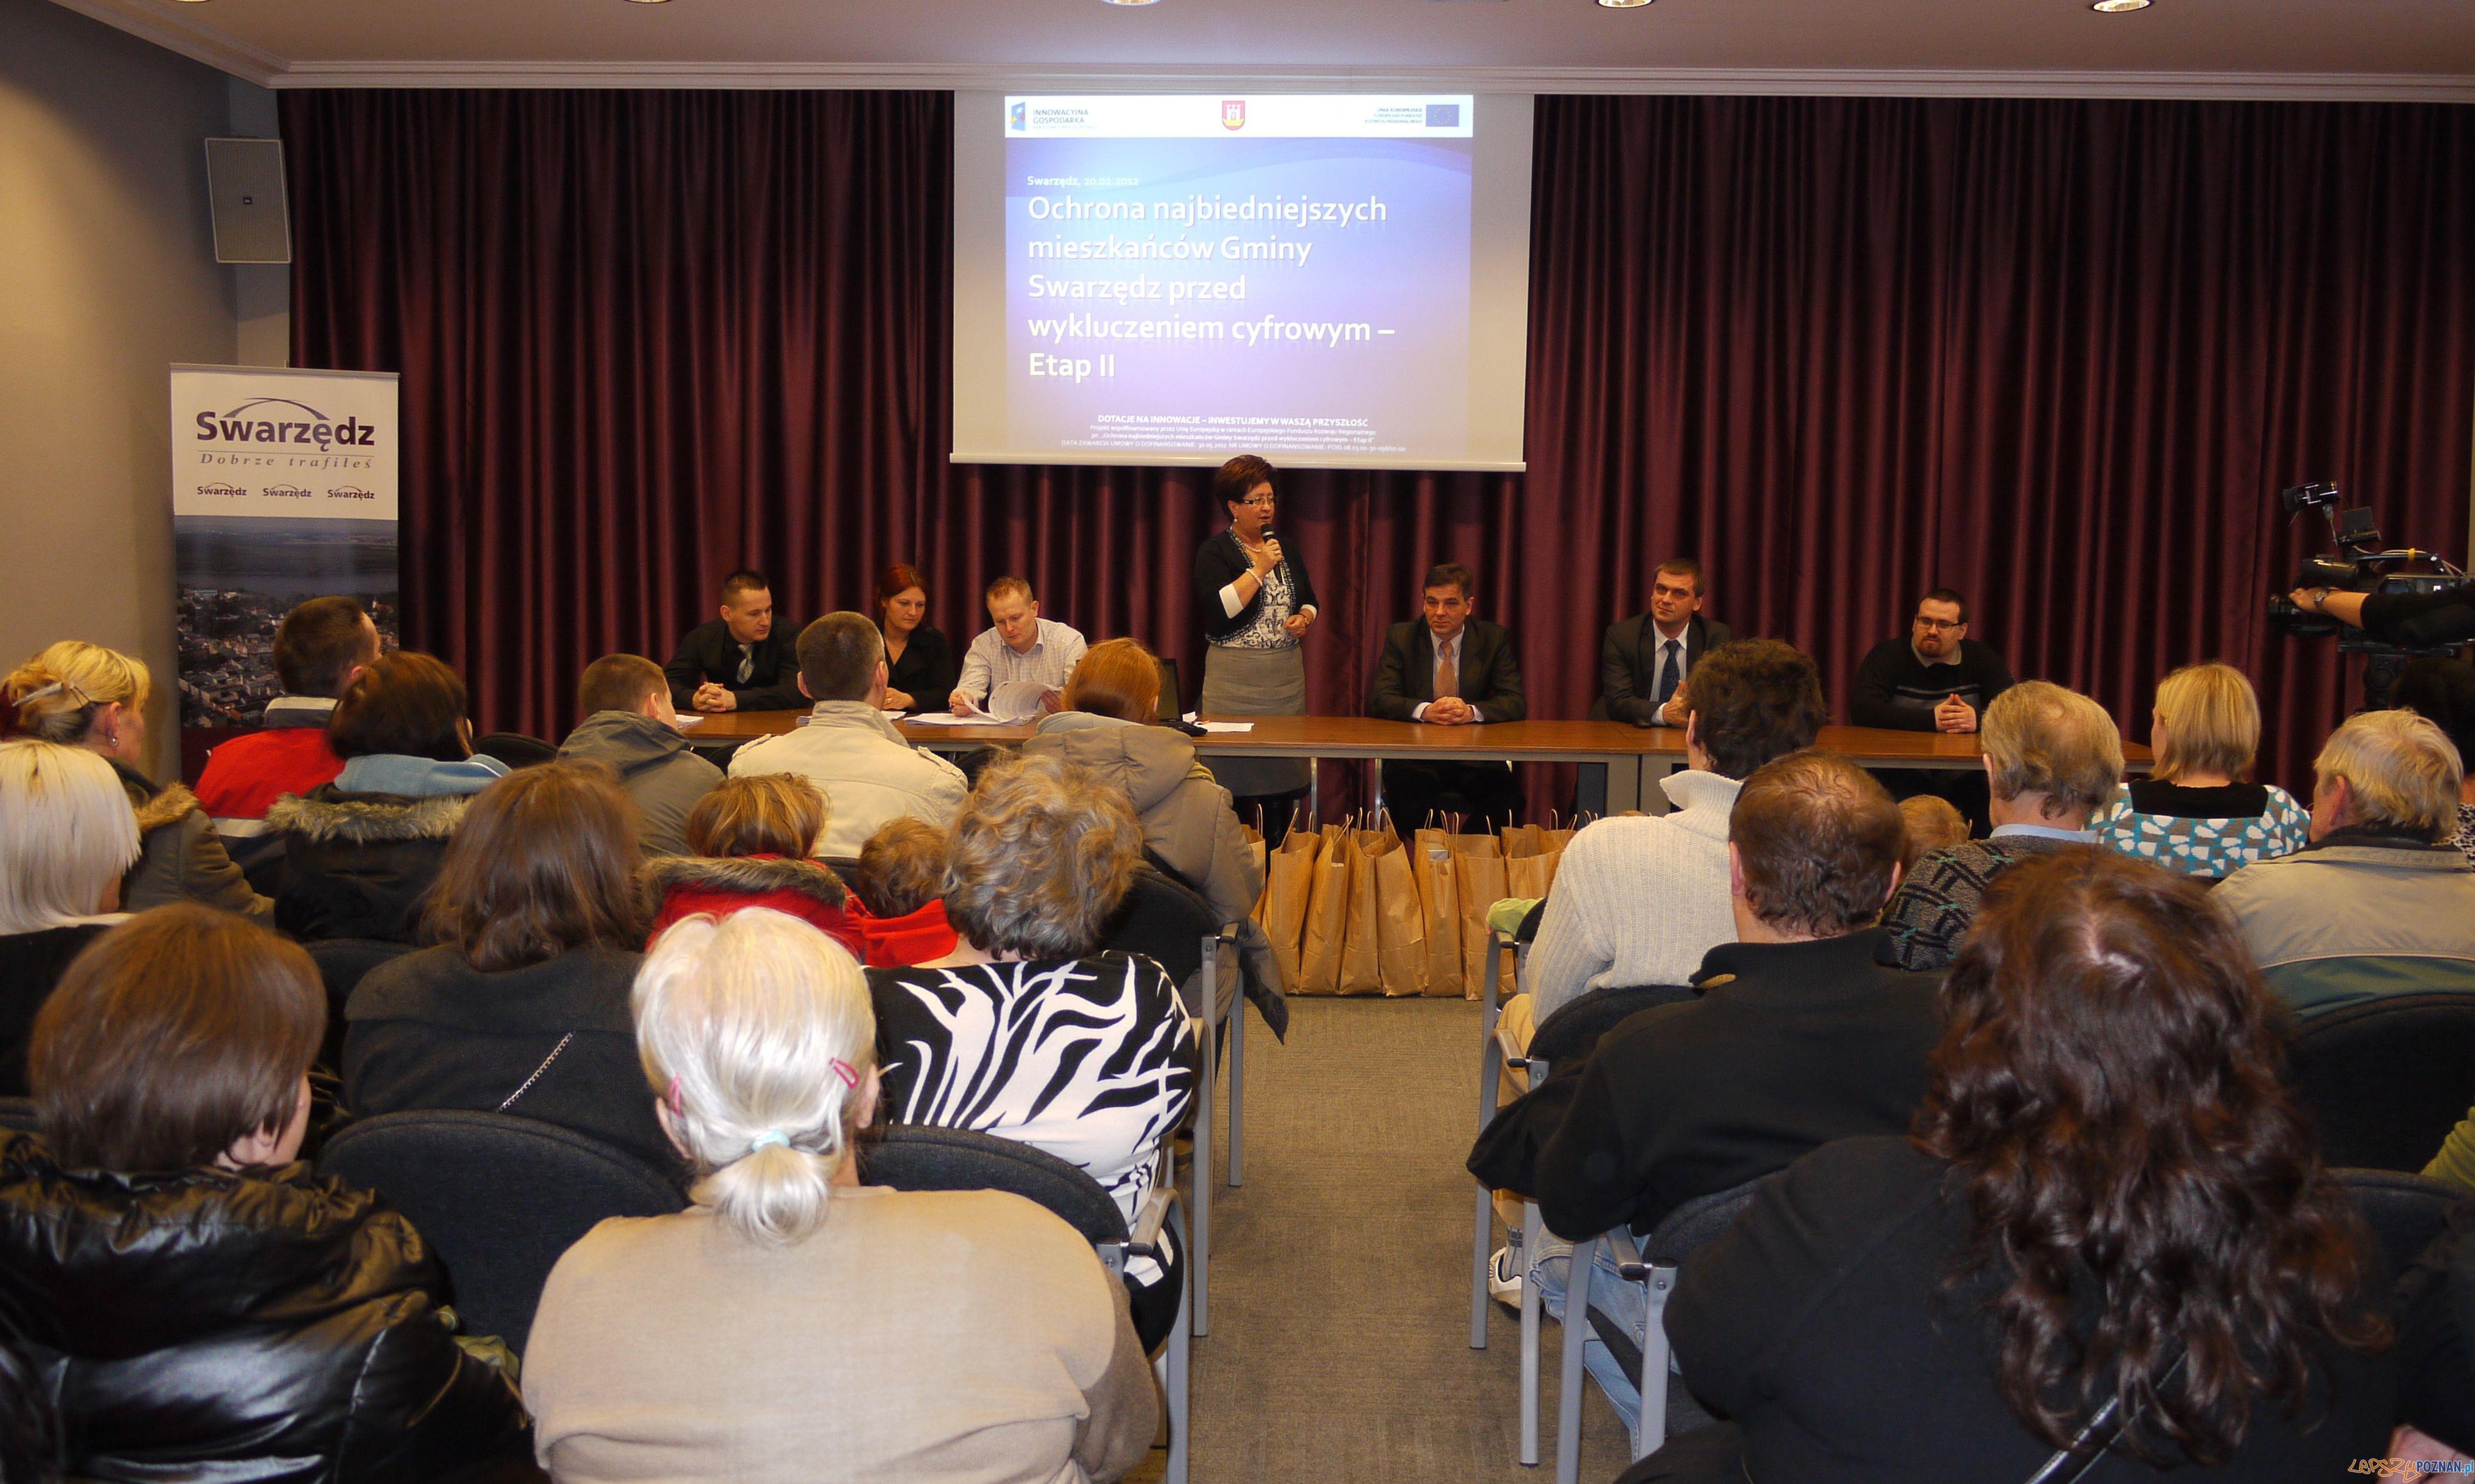 Przekazanie sprzętu komputerowego w Swarzędzu  Foto: T.Radziszewska, UMiG Swarzędz